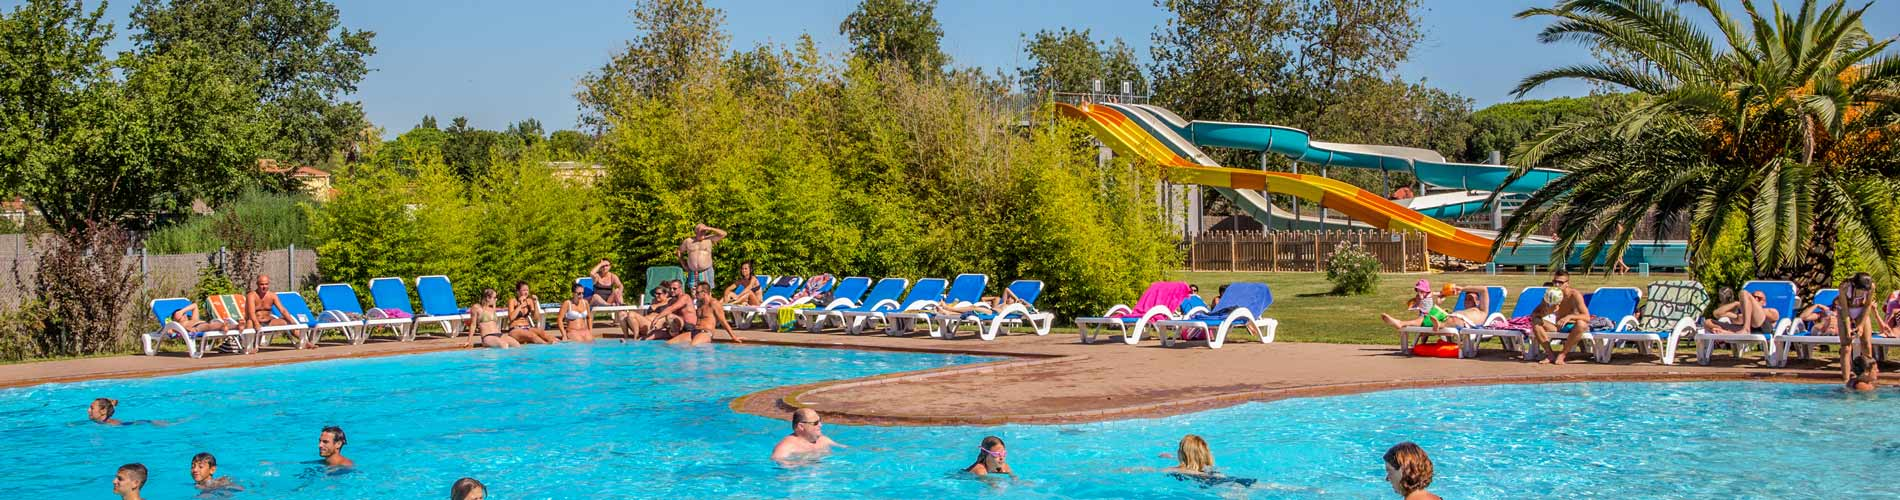 Campings argeles sur mer avec piscine parc aquatique for Camping calvados bord de mer avec piscine